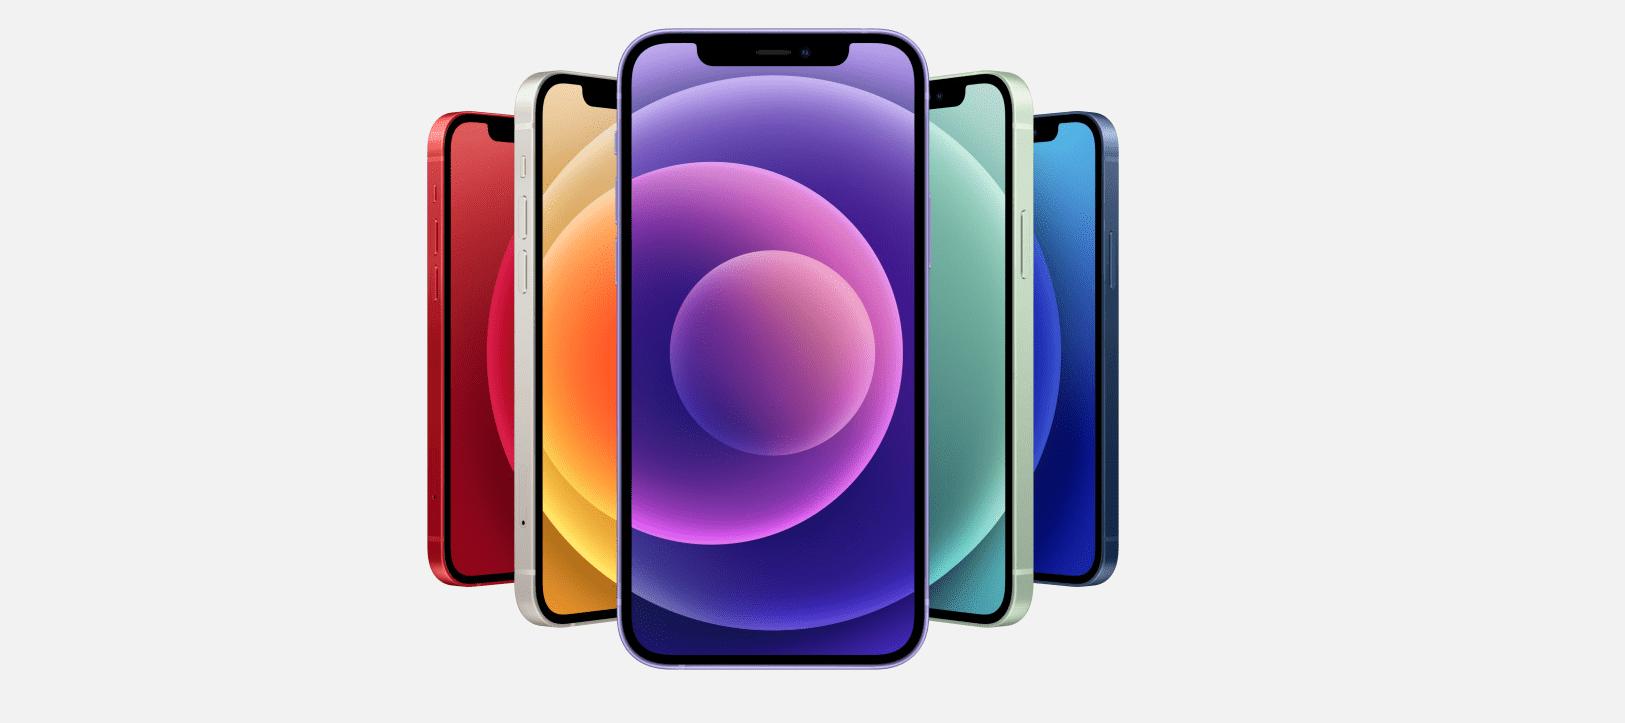 Strategy Analyticsが2021年Q1における5Gスマートフォンの出荷台数を公開、Appleが1位でiPhone 12シリーズ大好調